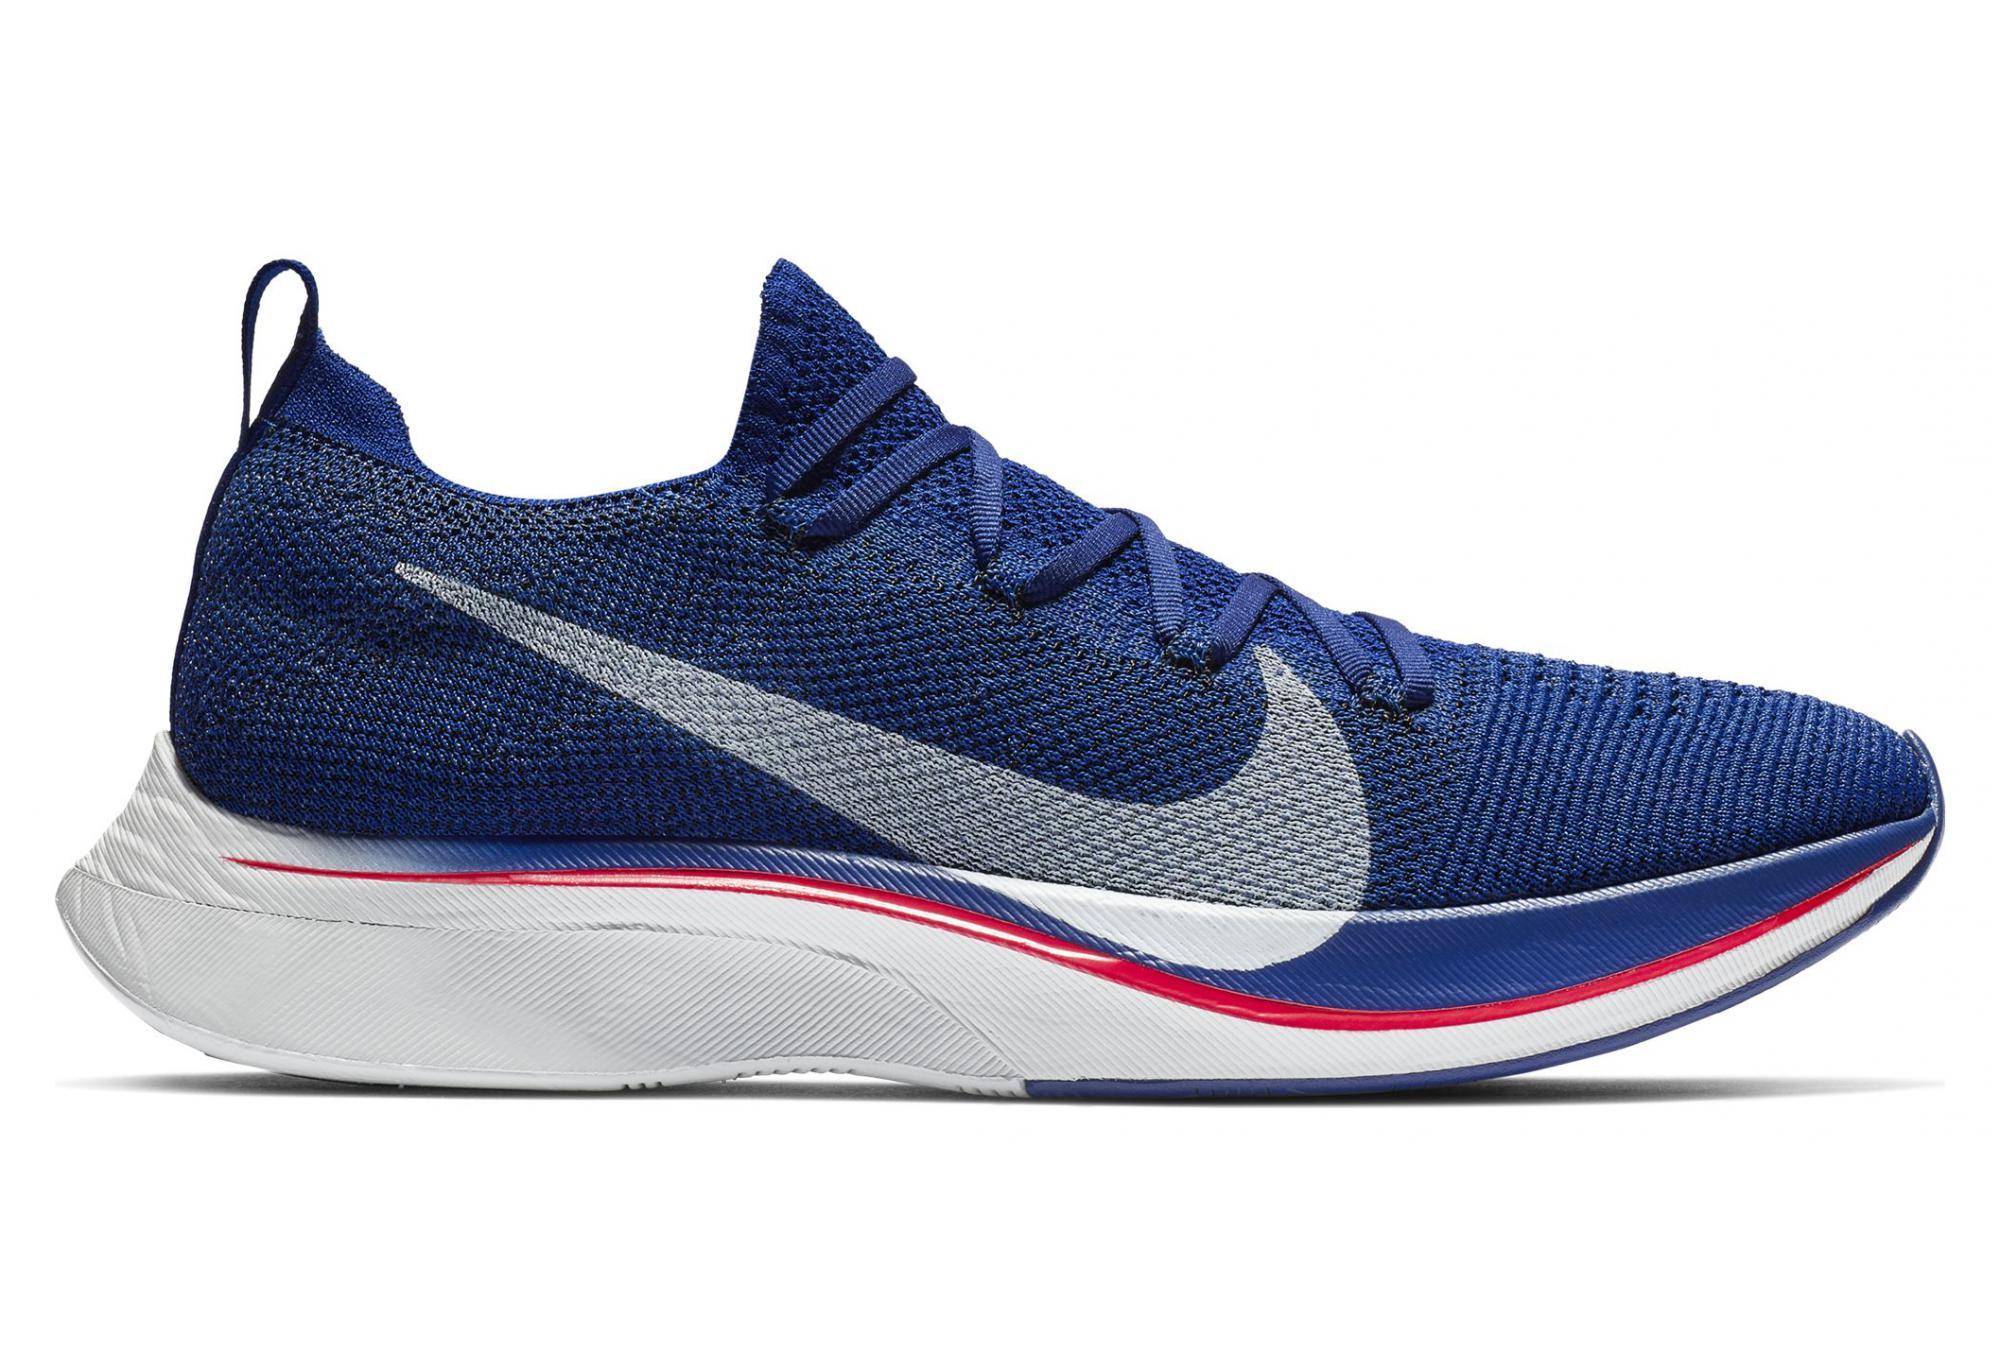 32b3cd4204d5 Nike Vaporfly 4% Flyknit Blue Pink Unisex